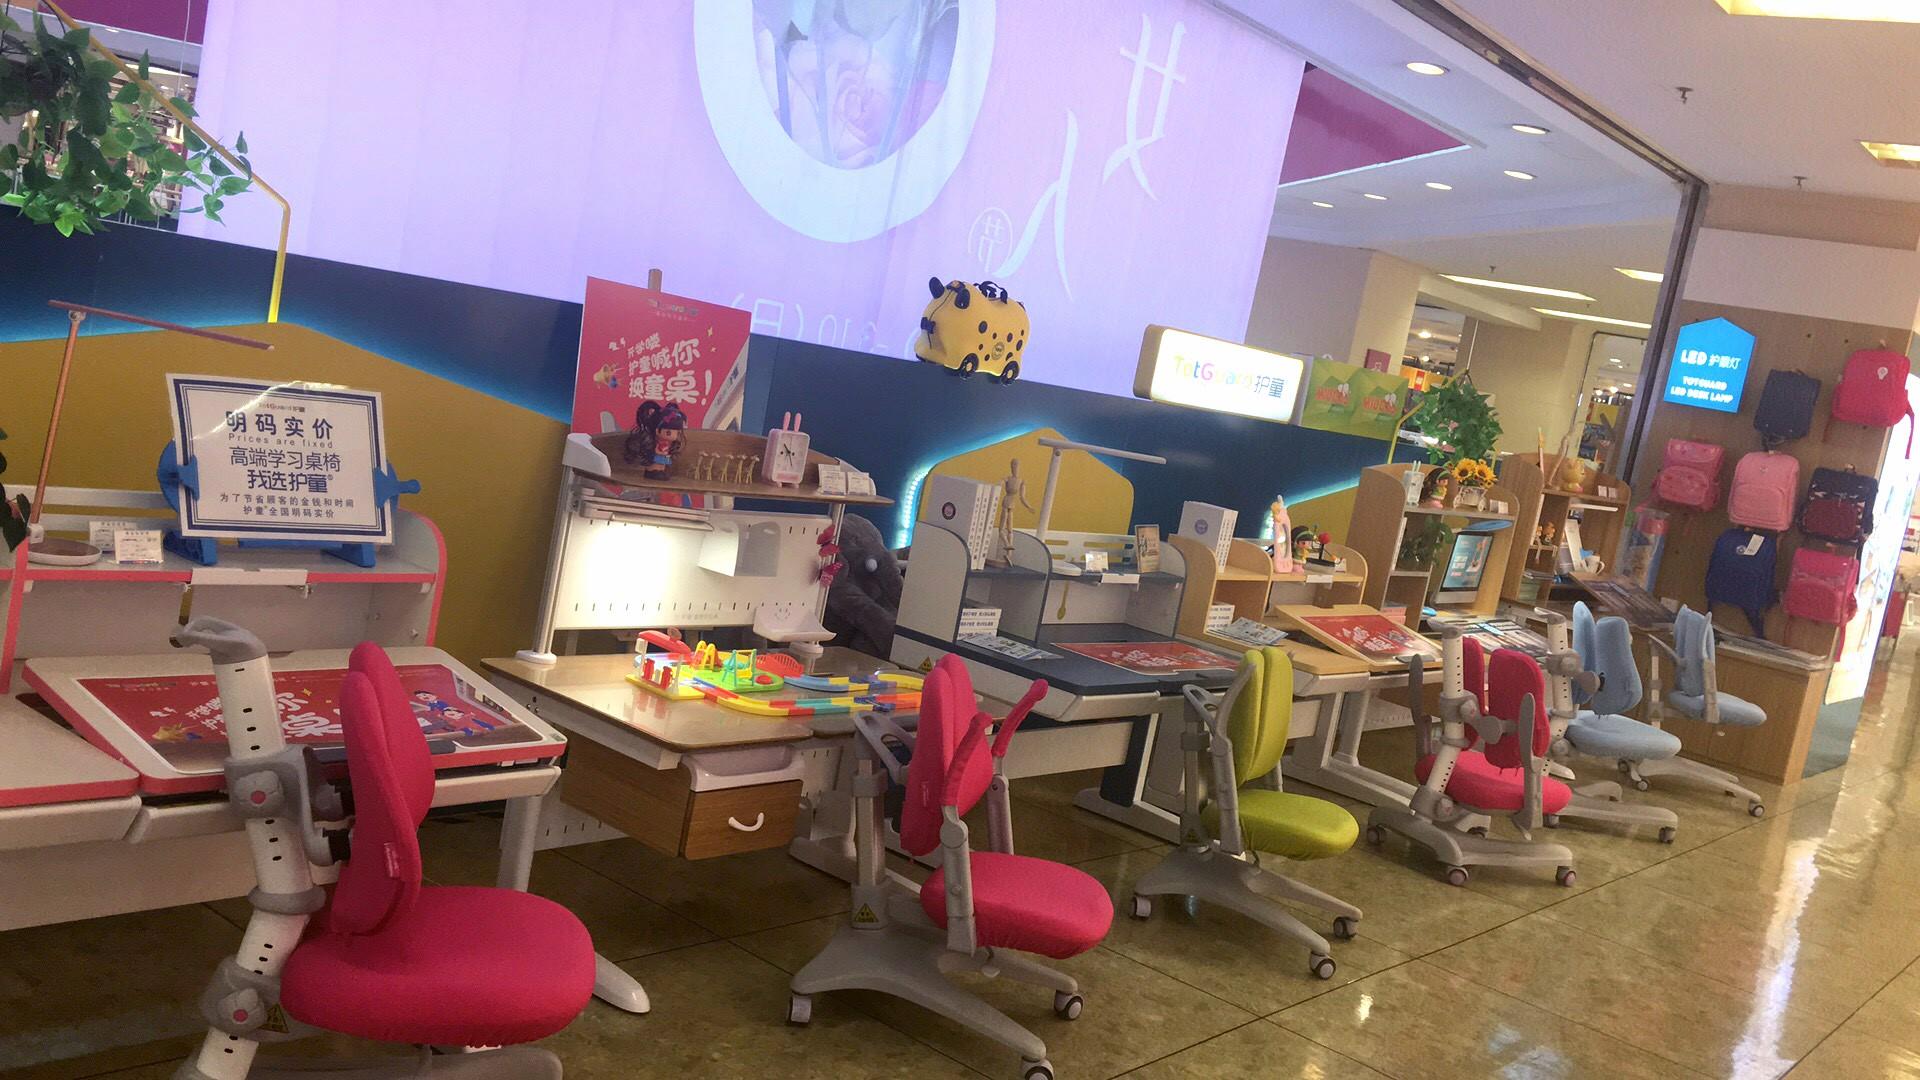 热烈祝贺护童第1619家青岛麦凯乐护童专柜盛大开业!